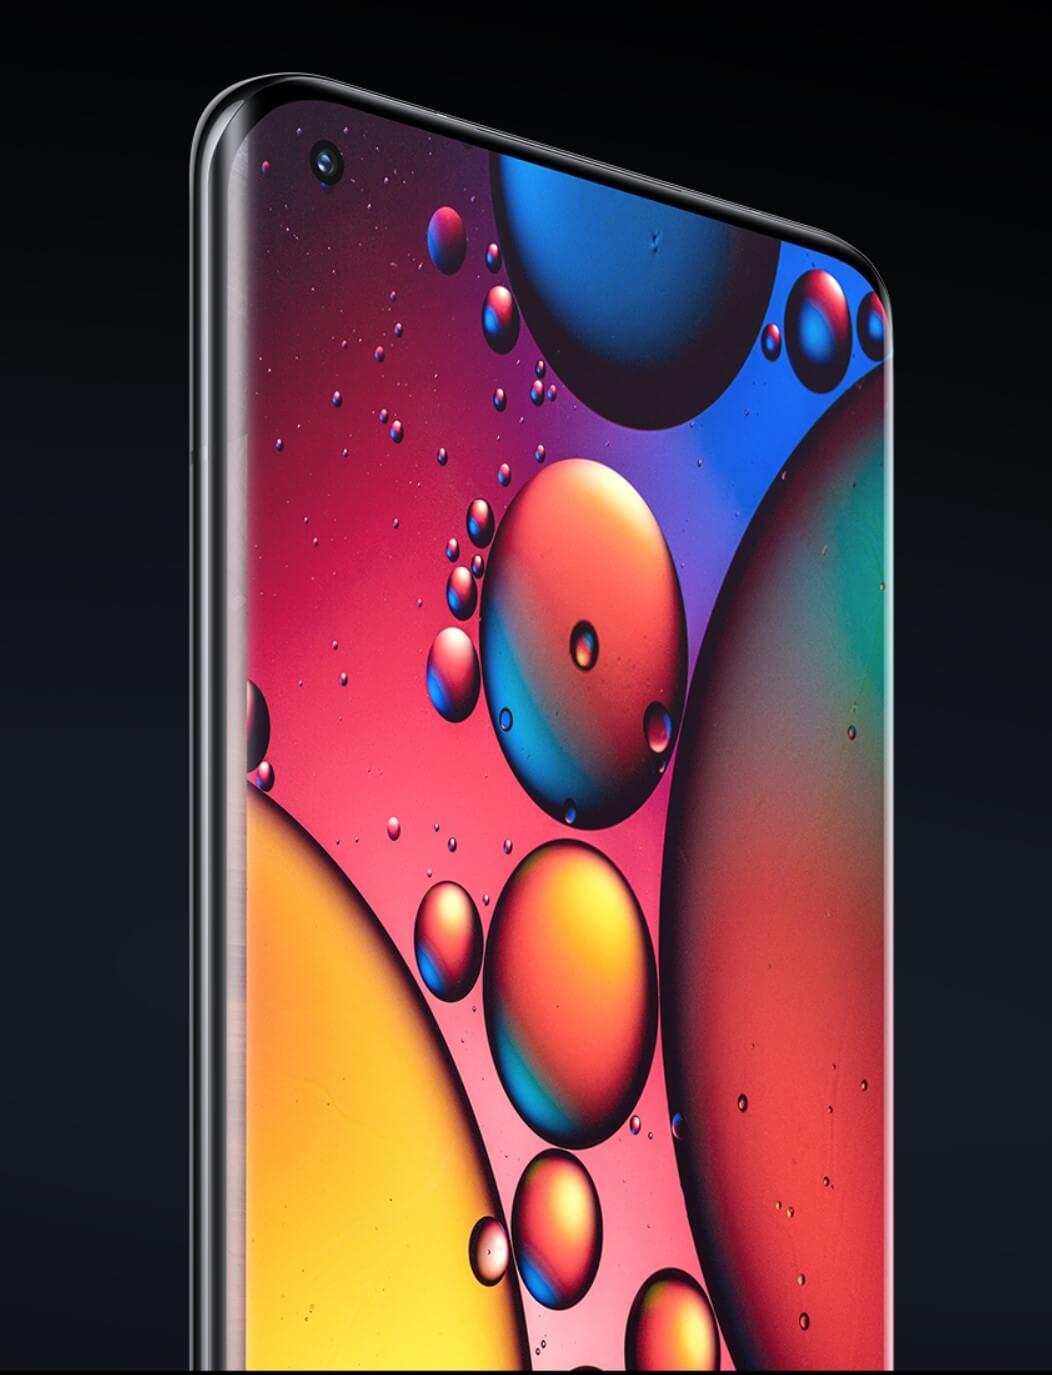 Xiaomi Mi 11 UltraはディスプレイにCorning® Gorilla® Glass Victus™を採用